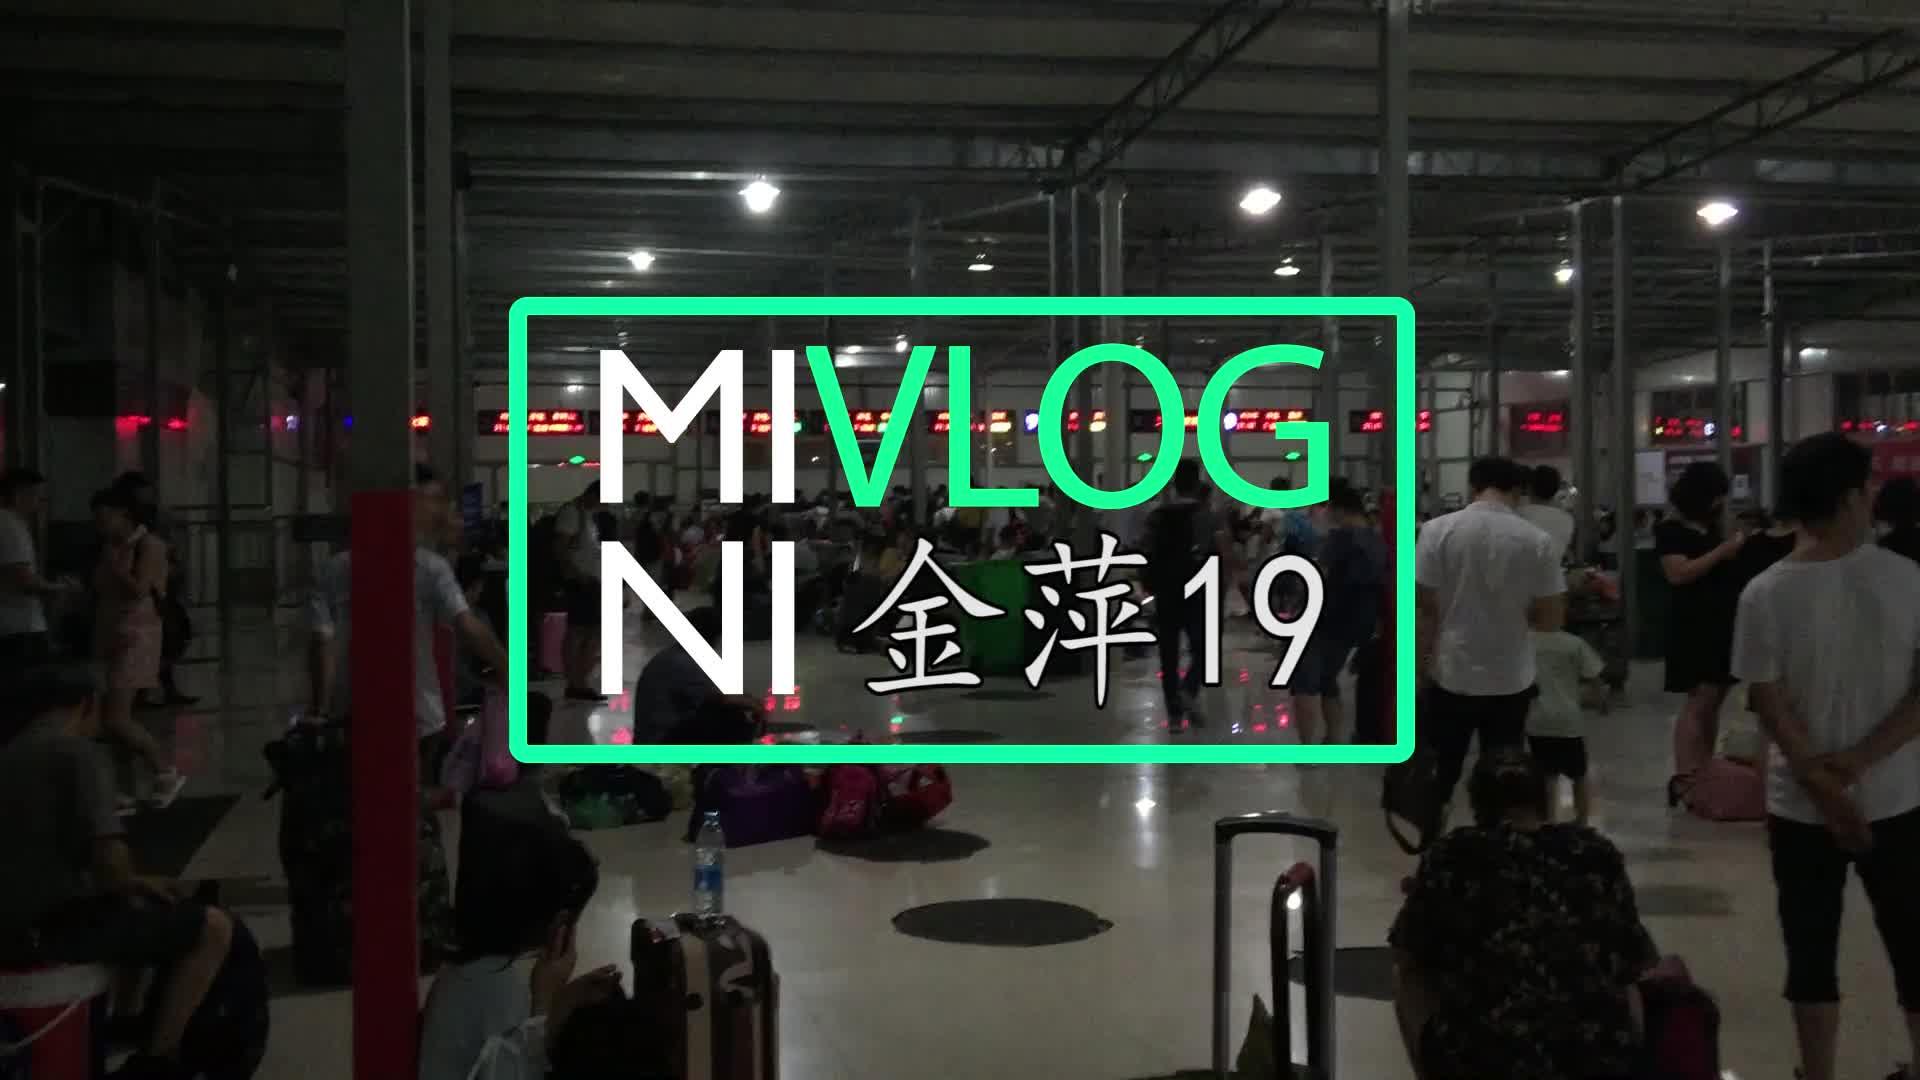 【金萍 迷你Vlog】辞去工作,我要带着梦想去远方 019